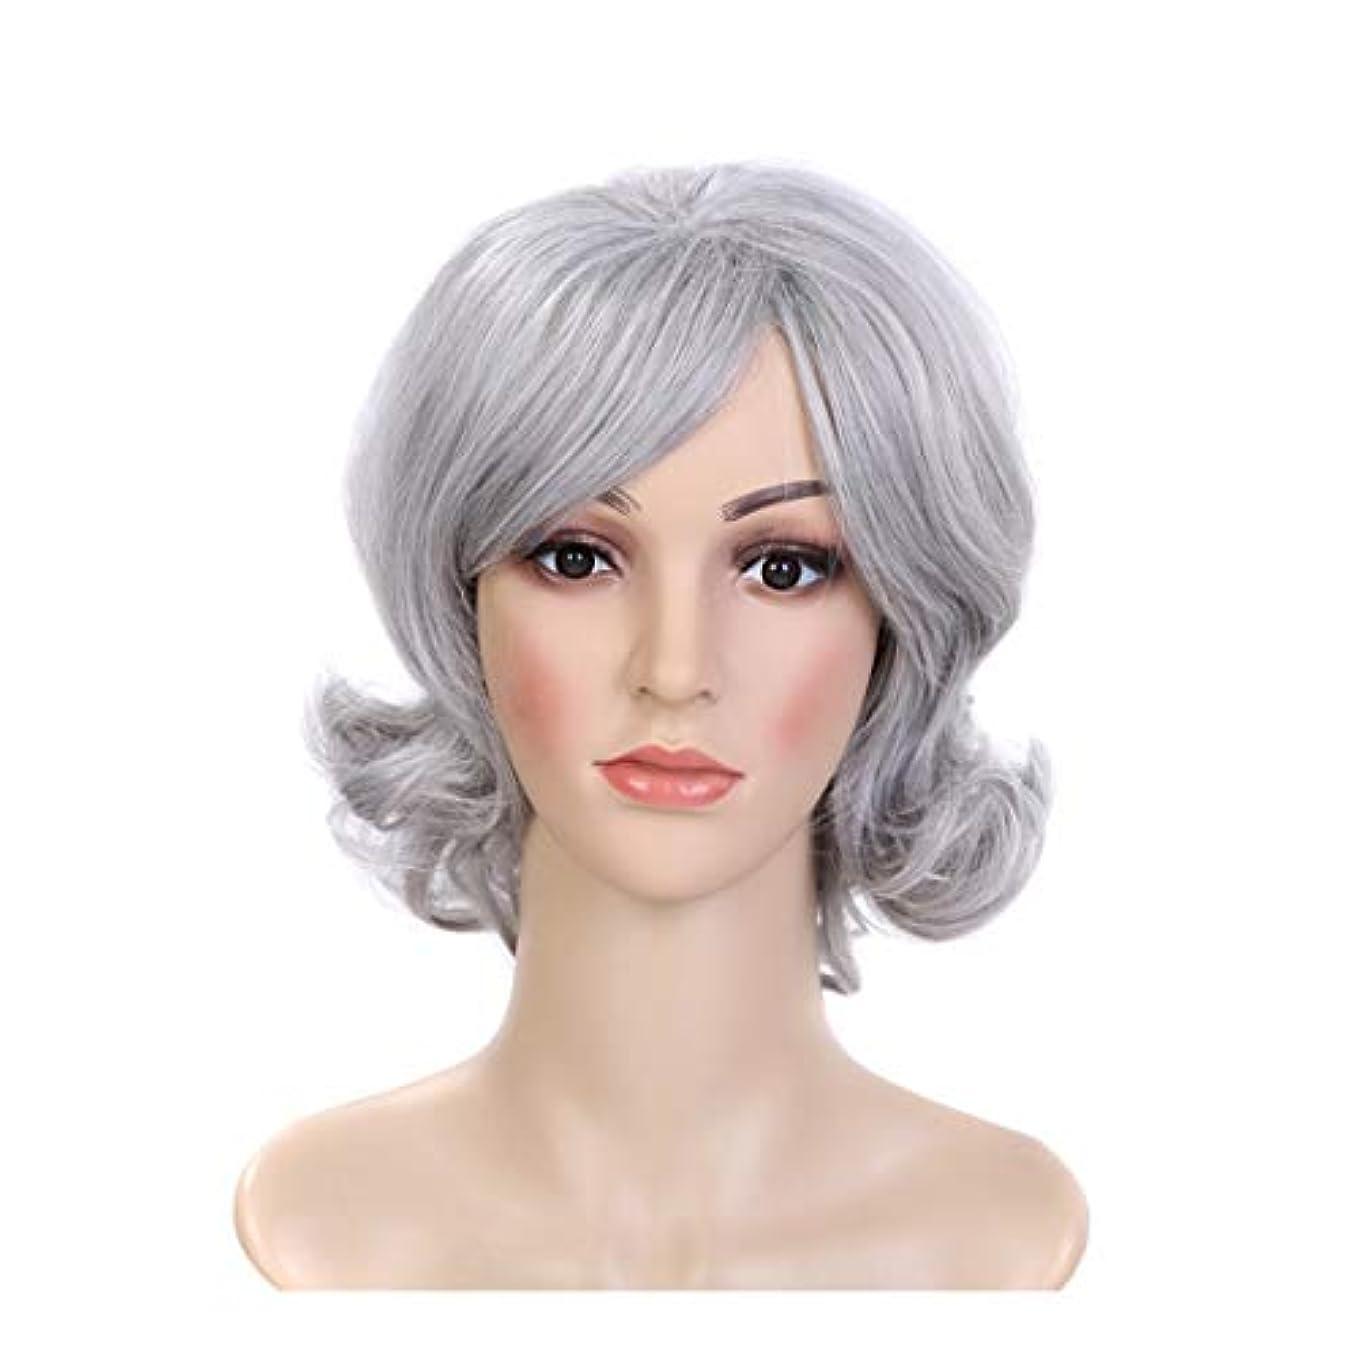 こどもセンター偉業に負けるYOUQIU ホワイト色のウィッグ女性の女の子のかつらのためのショートカーリーヘア合成ふわふわフルウィッグ (色 : Silver grey/grand ash)